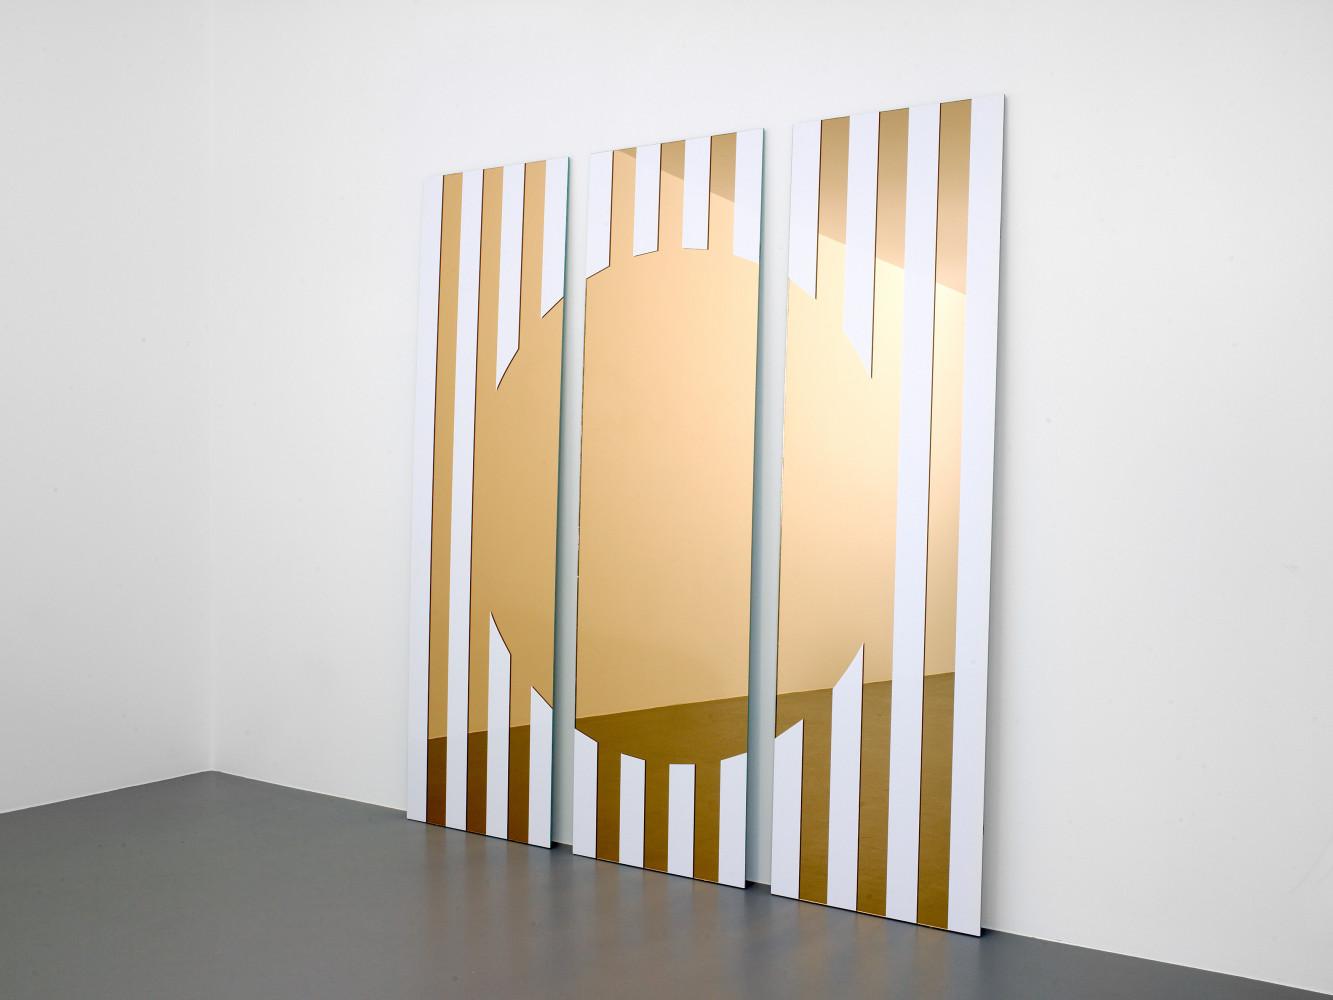 Daniel Buren, 'Les visages colorés III A-rosé', 2005